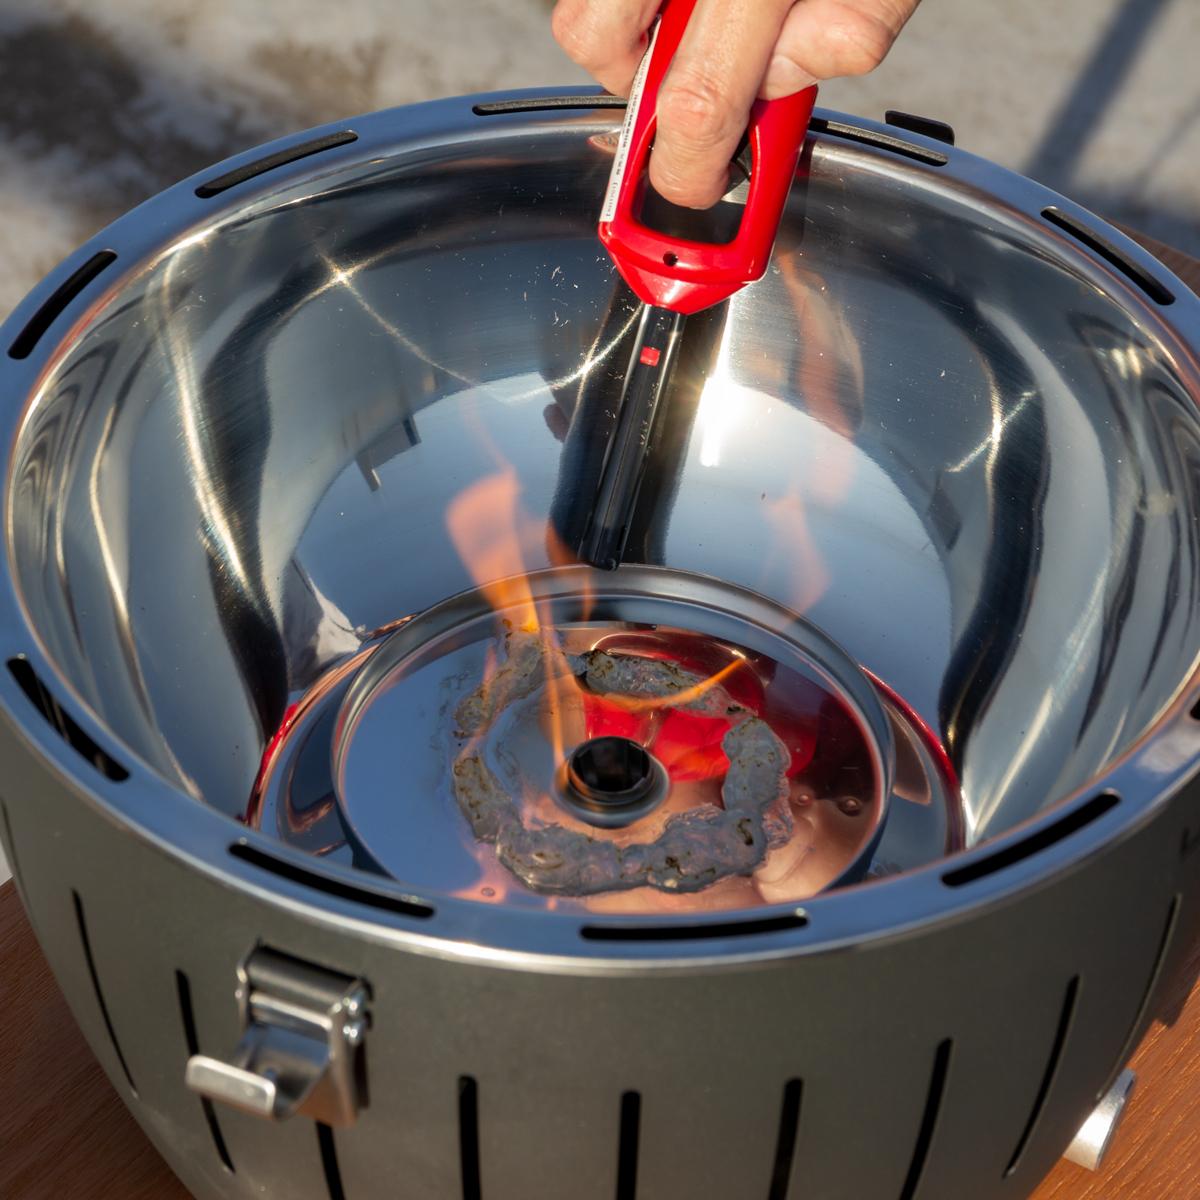 手順2|煙が少ない火力調節ファン付きロースターで、大人の気楽なBBQができる「炭火焼グリル」(一人キャンプ、ソロBBQに)|Lotus Grill